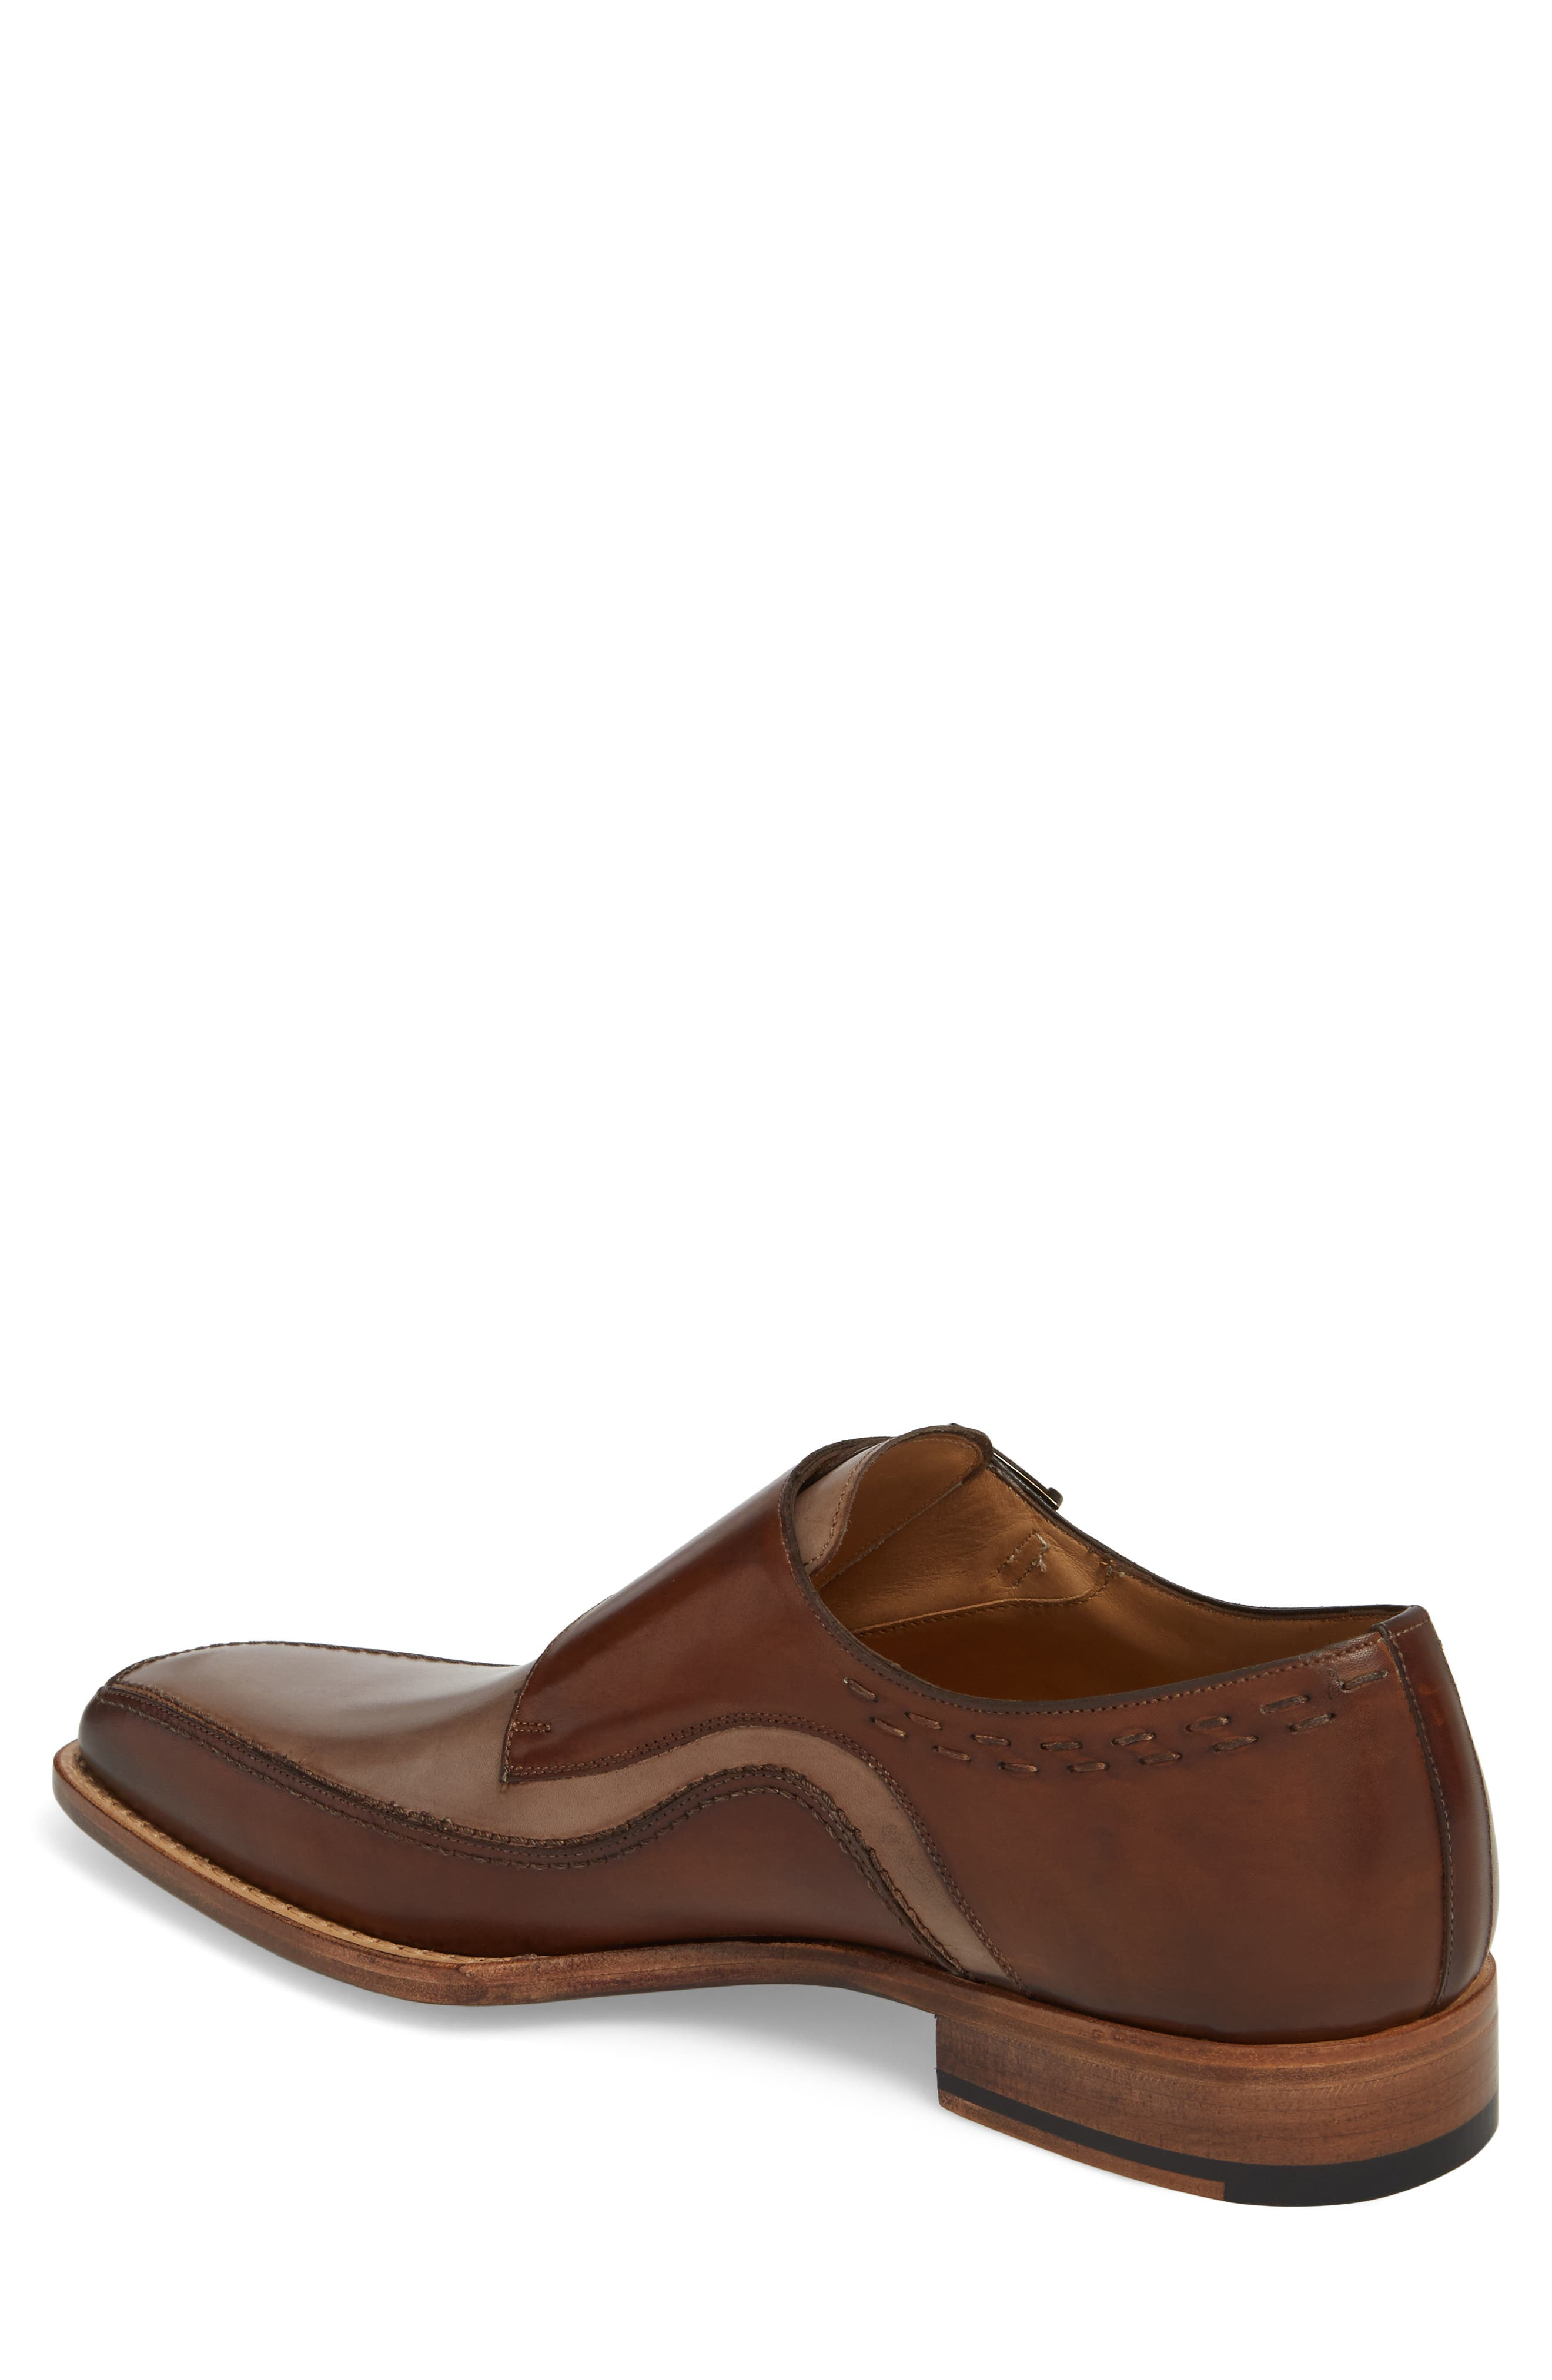 Magno Double Monk Strap Shoe,                             Alternate thumbnail 2, color,                             208